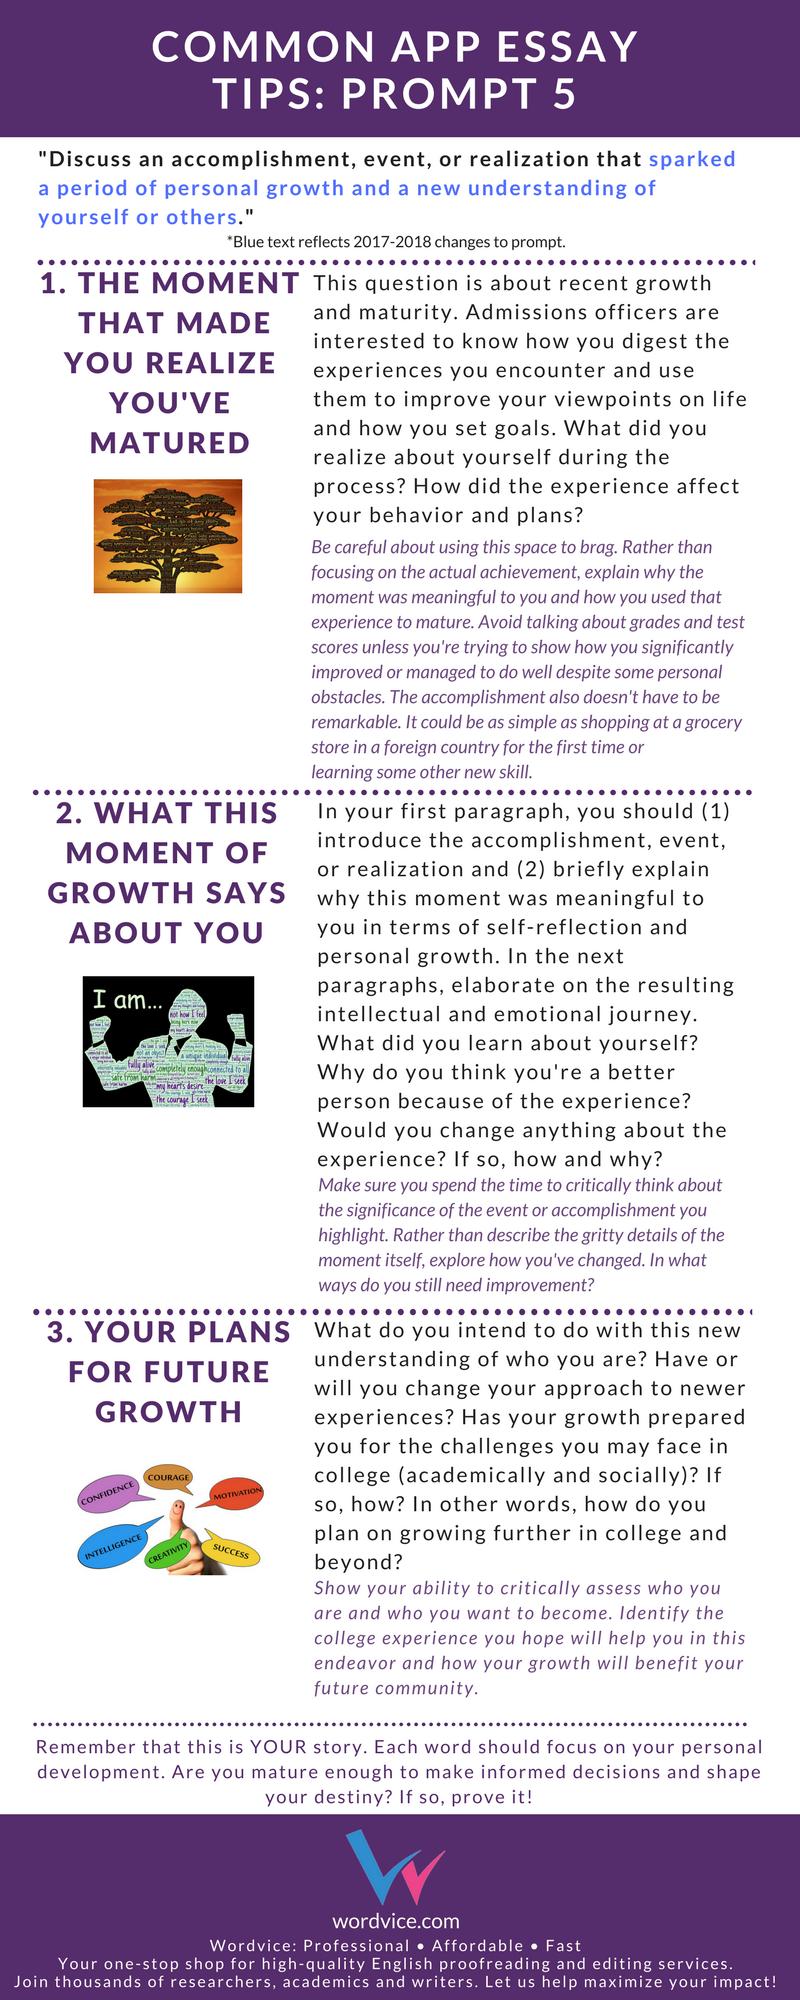 017 Common App Brainstormprompt Essay Prompt Unusual 1 Examples 3 4 Full